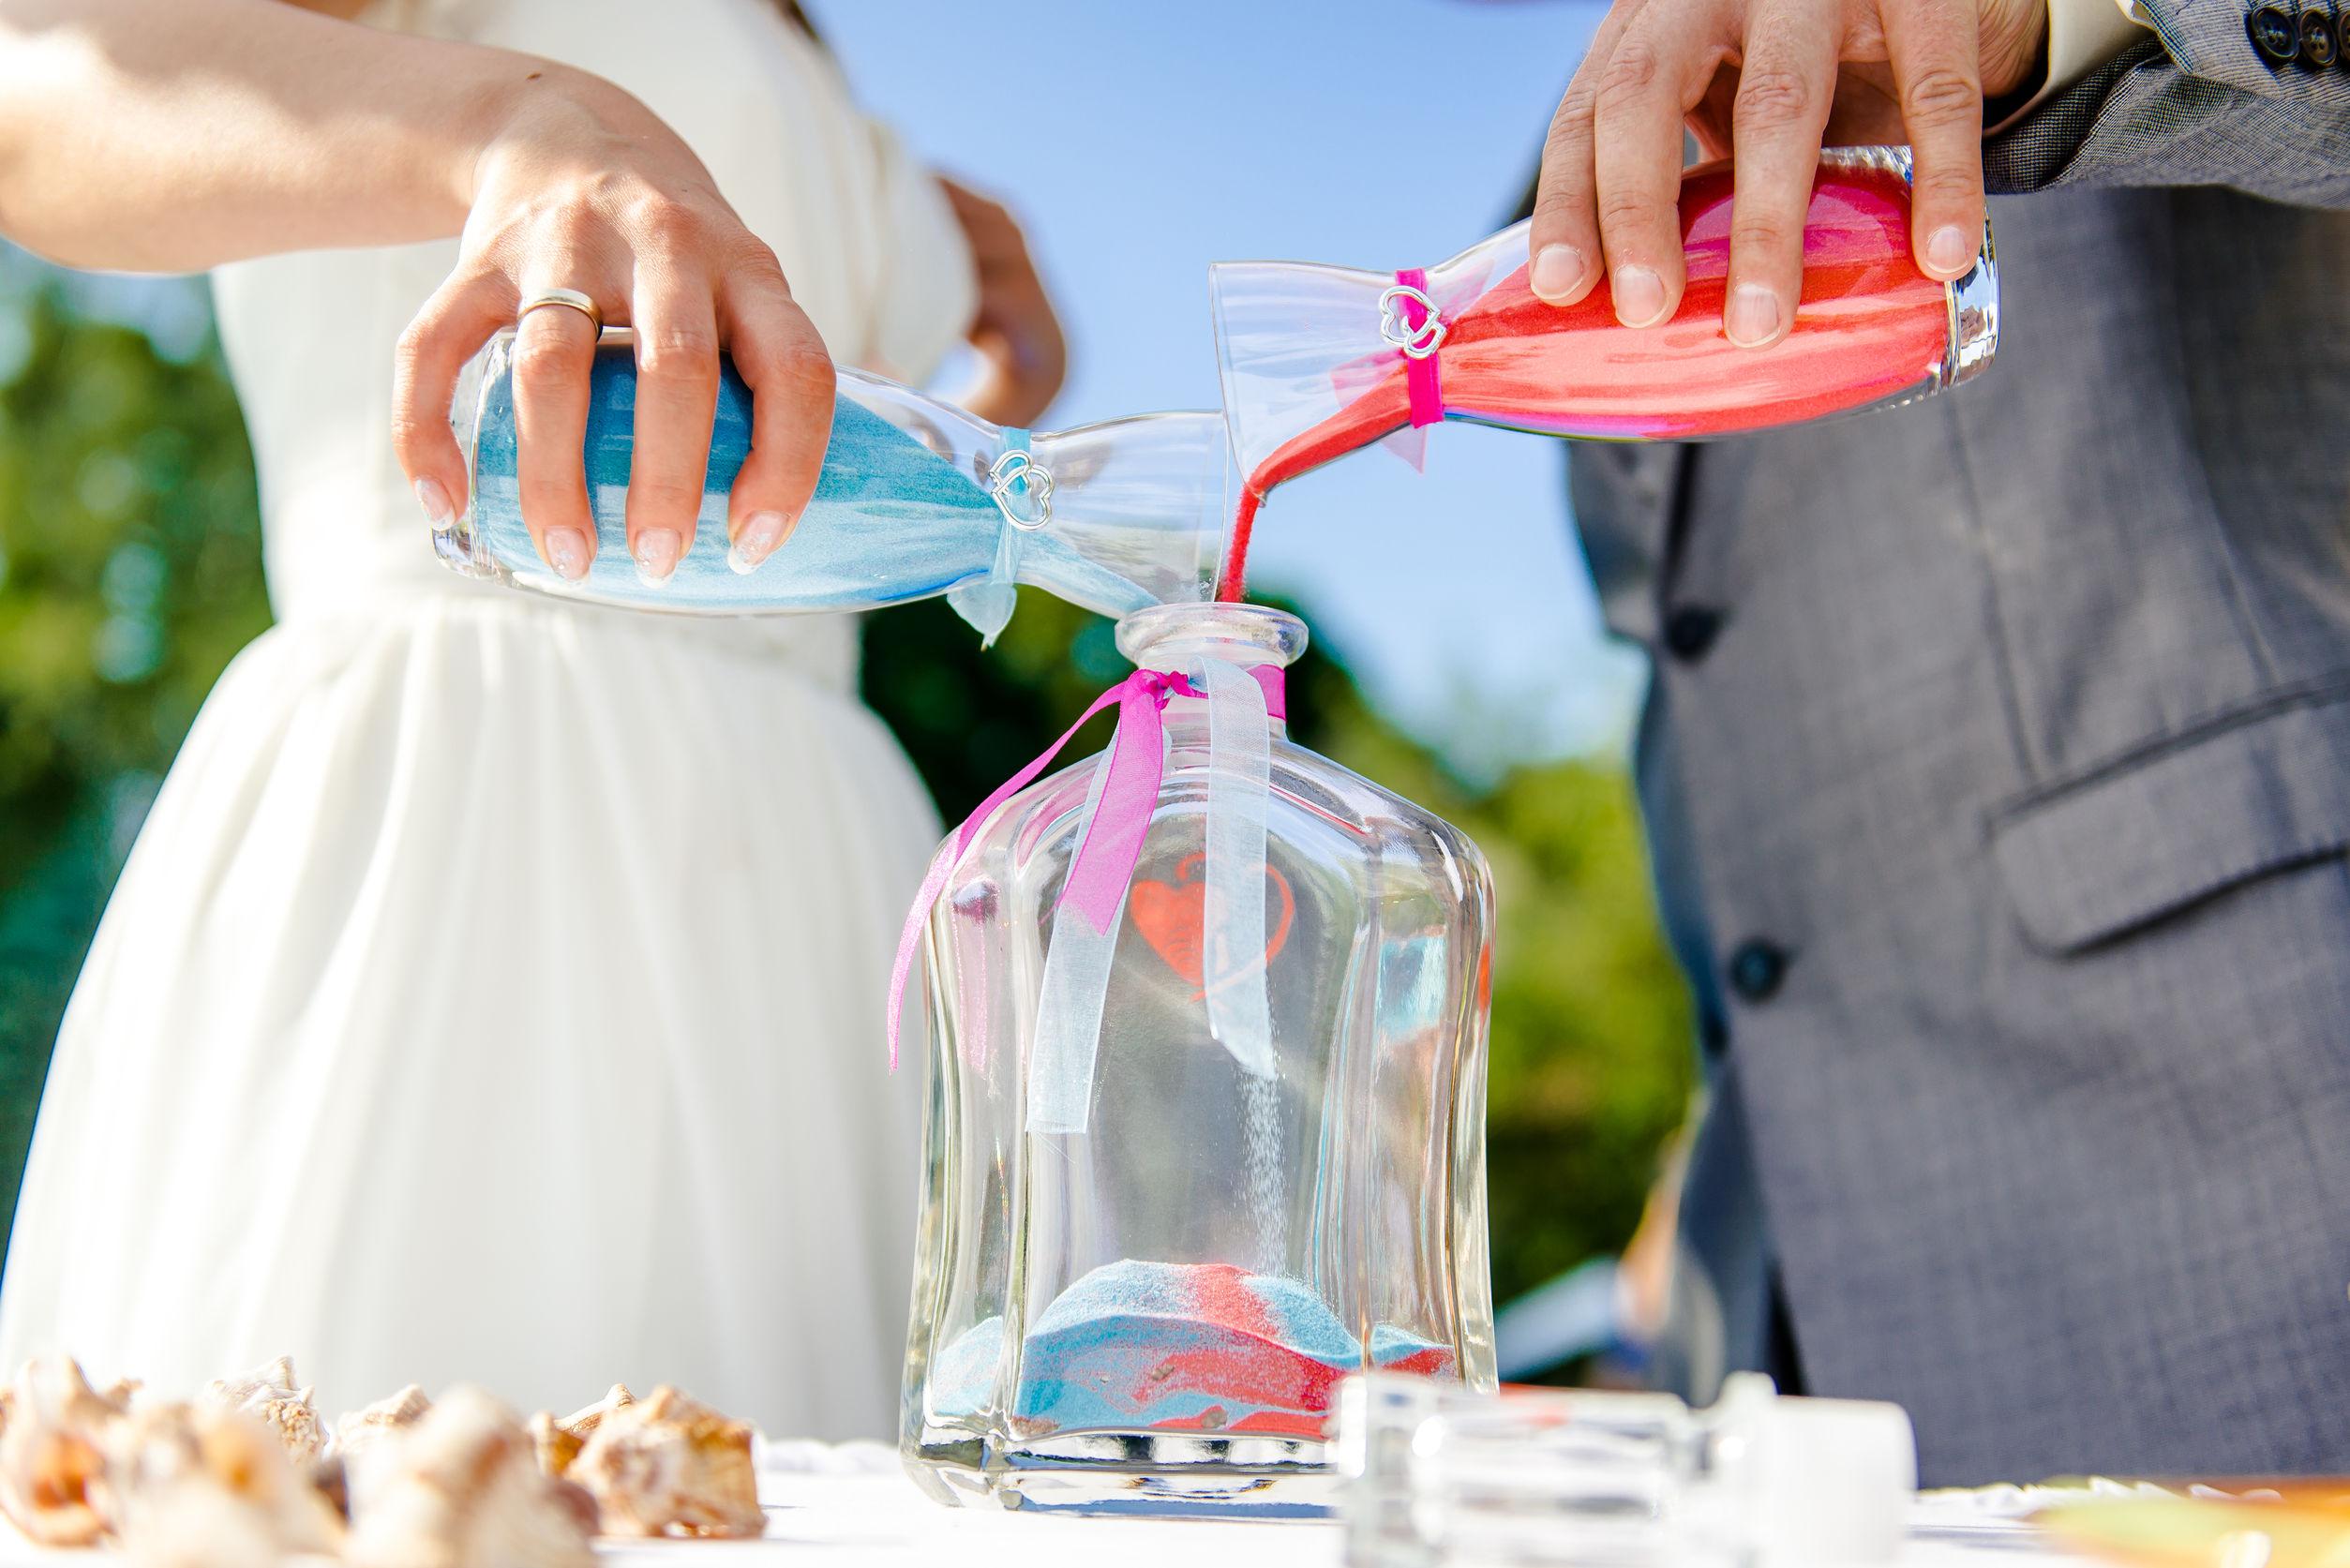 Il rito della sabbia per il matrimonio: origini, formula e significato